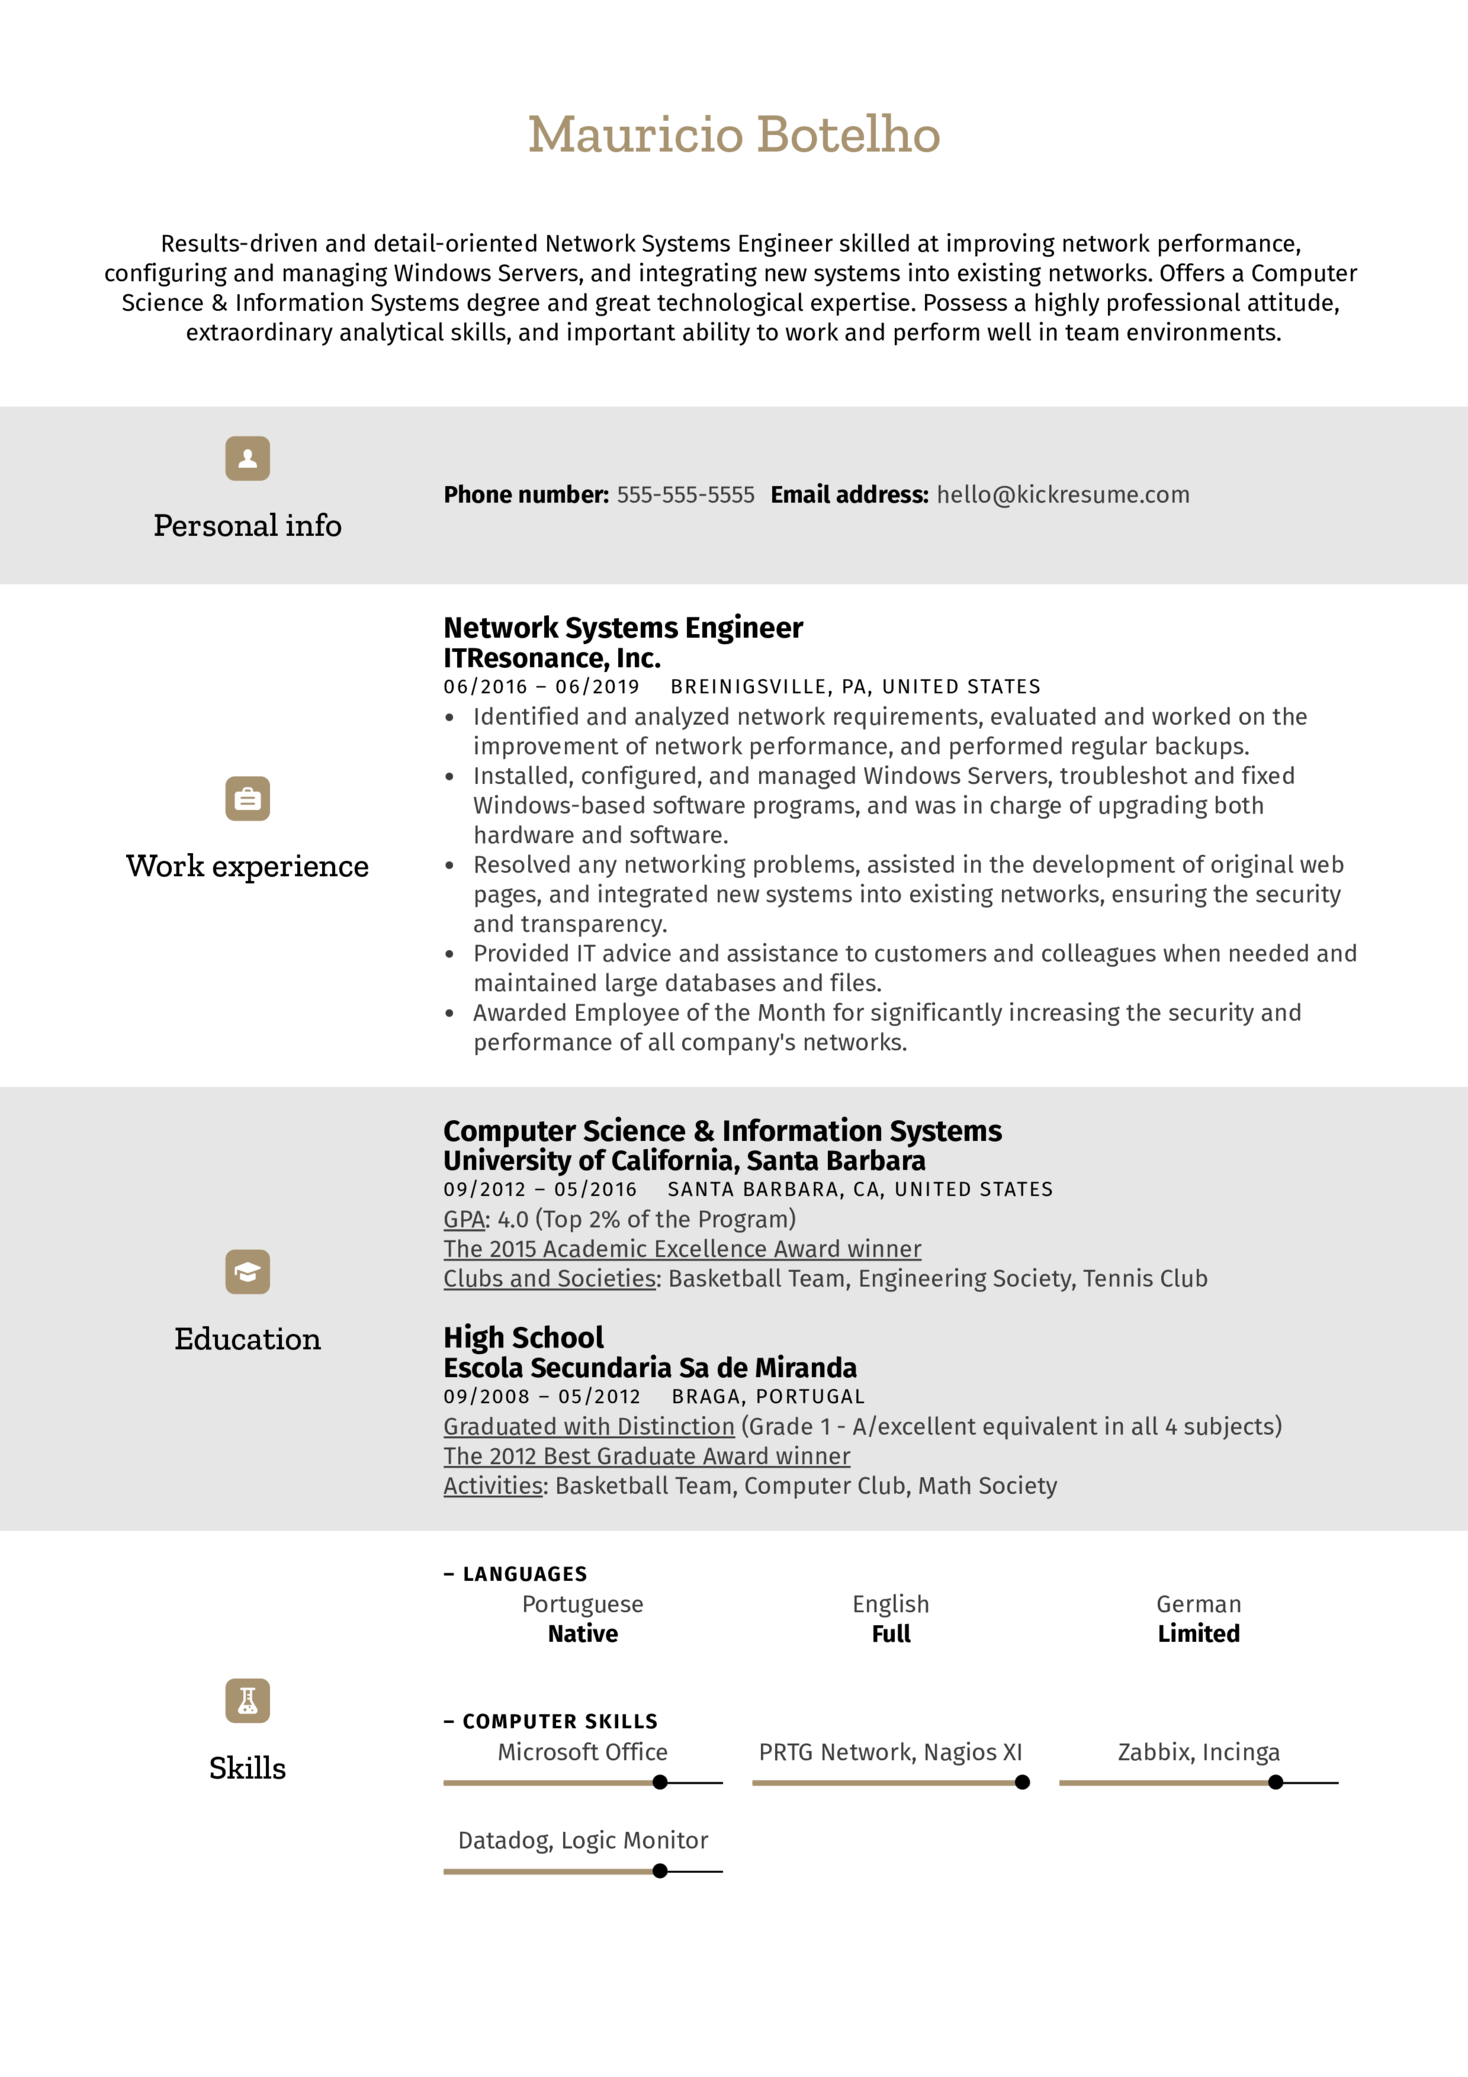 Network Systems Engineer Resume Example (časť 1)